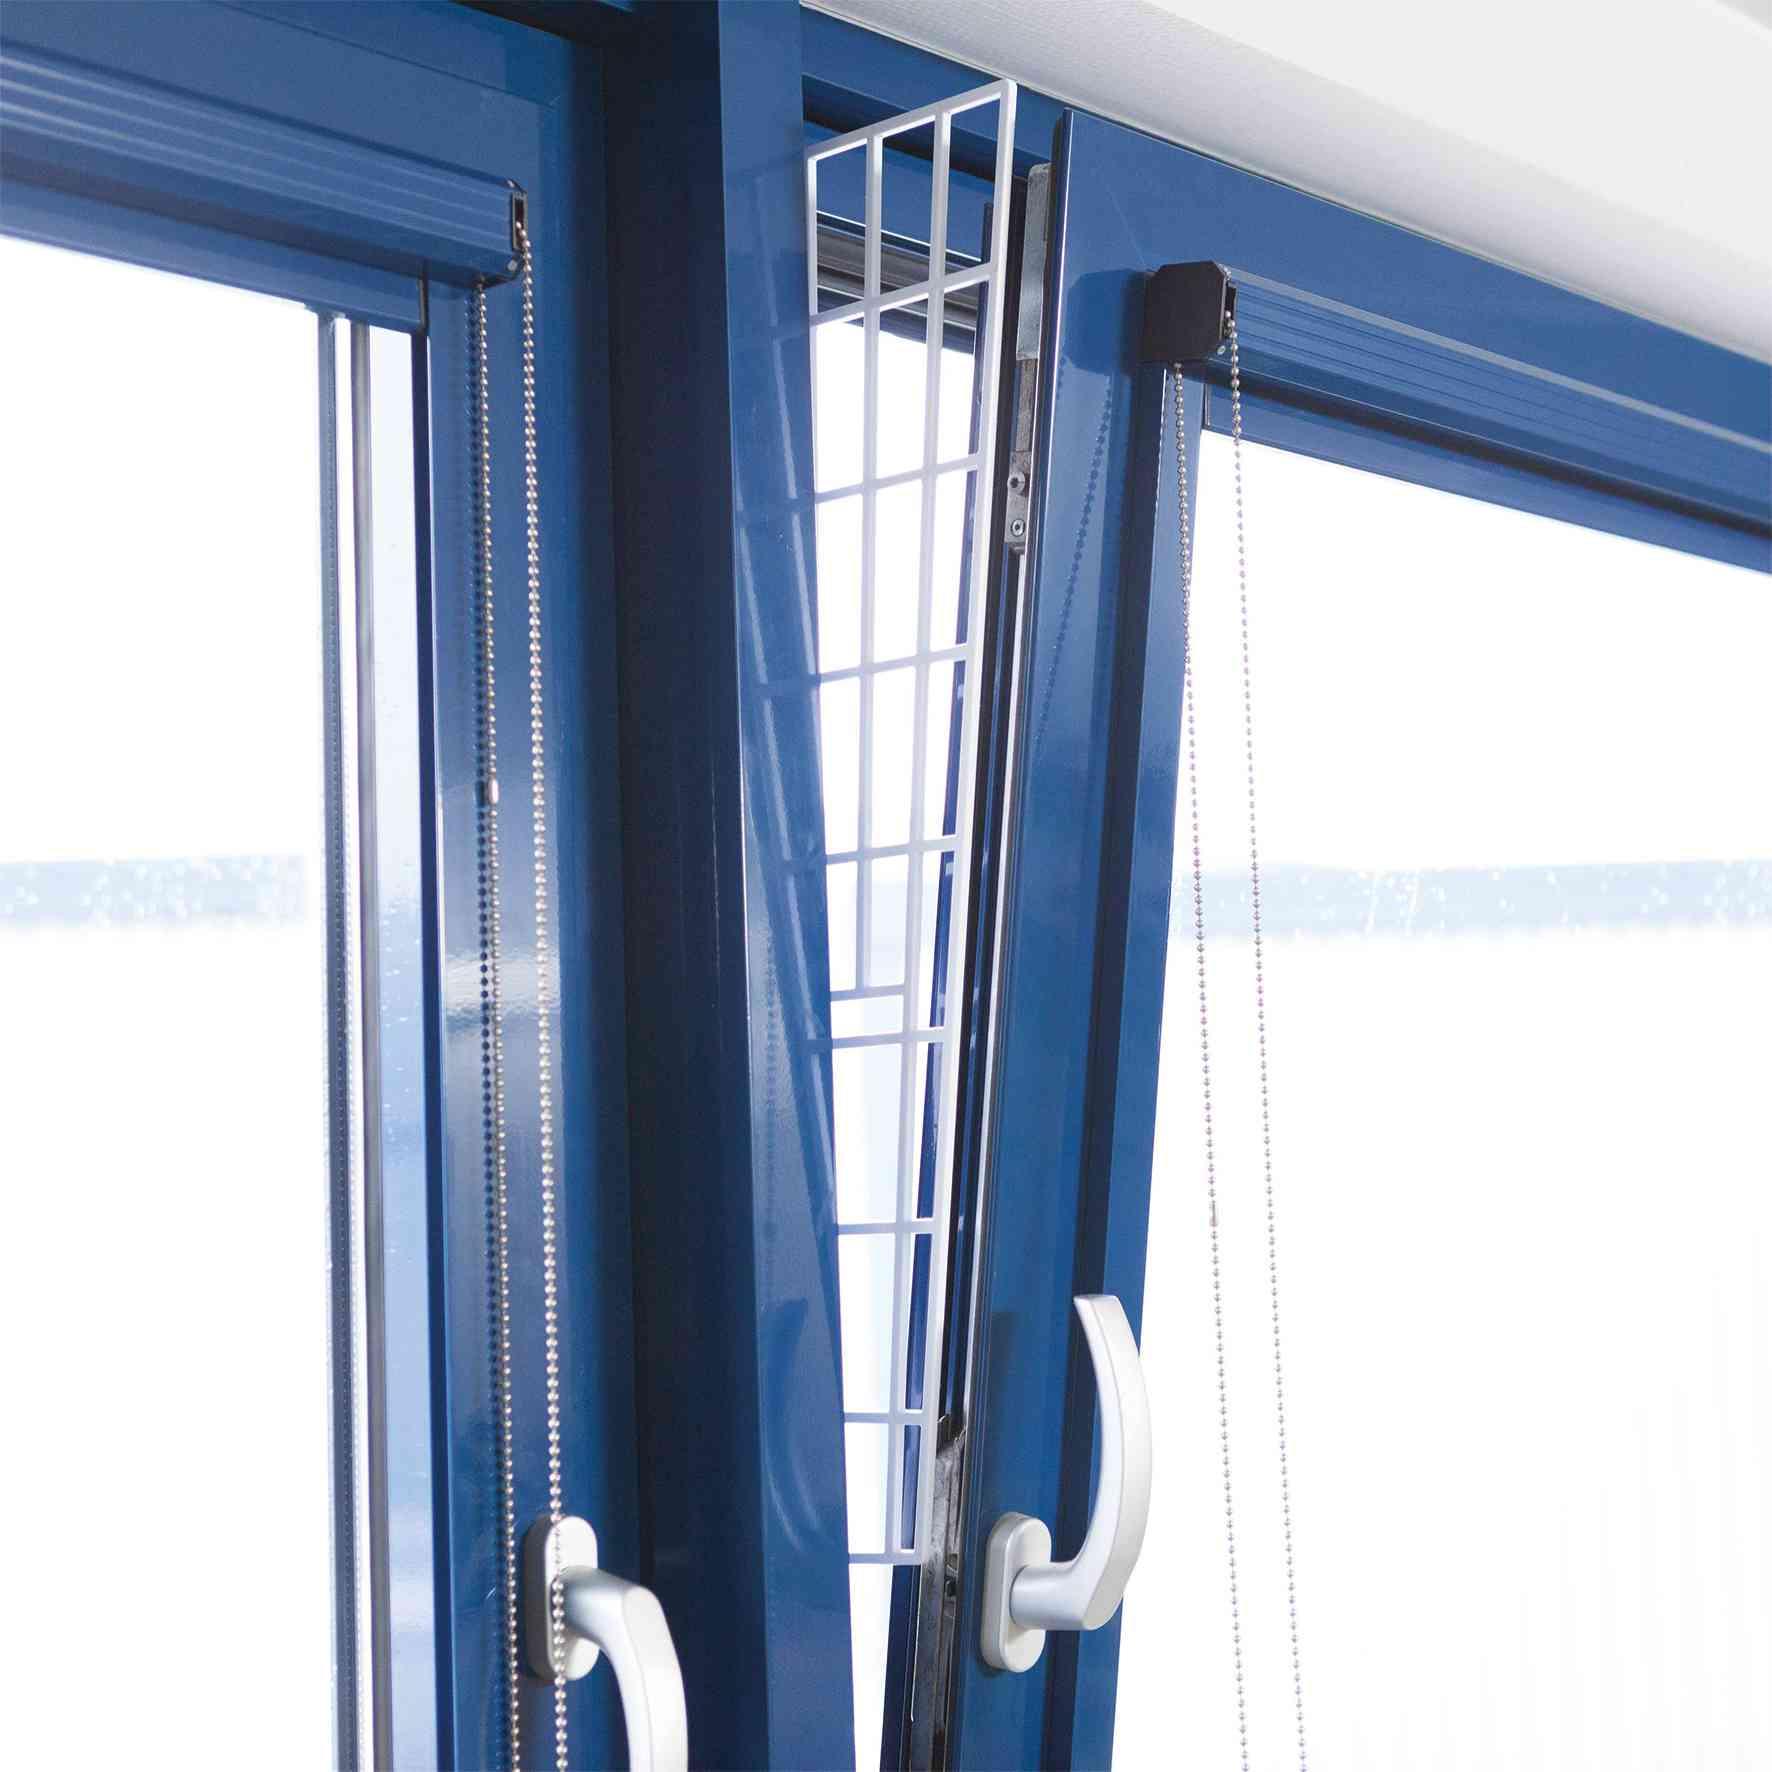 Trixie Schutzgitter für Fenster, Seitenteil 62 × 16/7cm, weiß